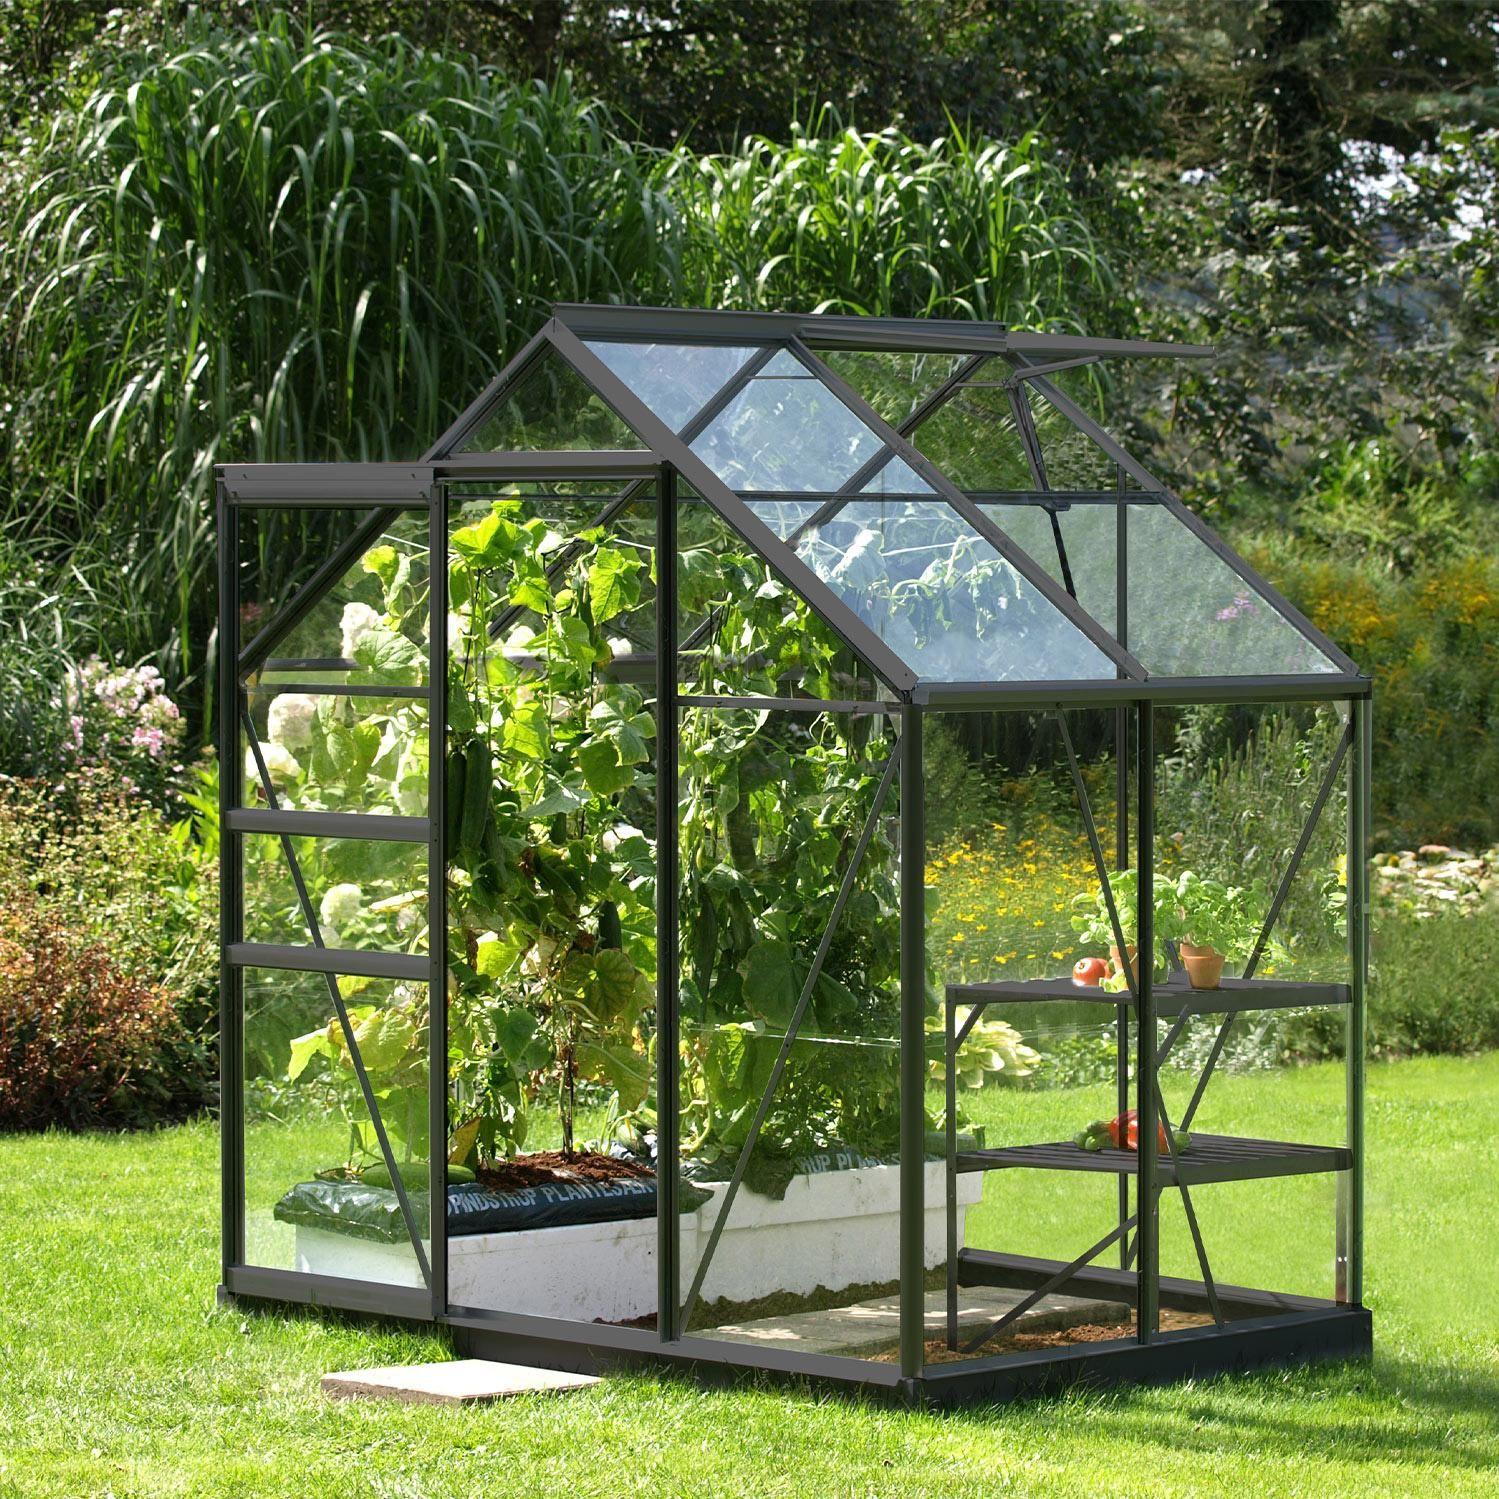 Serre De Jardin En Verre Trempe 3 Mm Lams Allium Venus 2500 Anthracite 2 5 M Lams En 2020 Serre Jardin Serre En Verre Petite Serre De Jardin